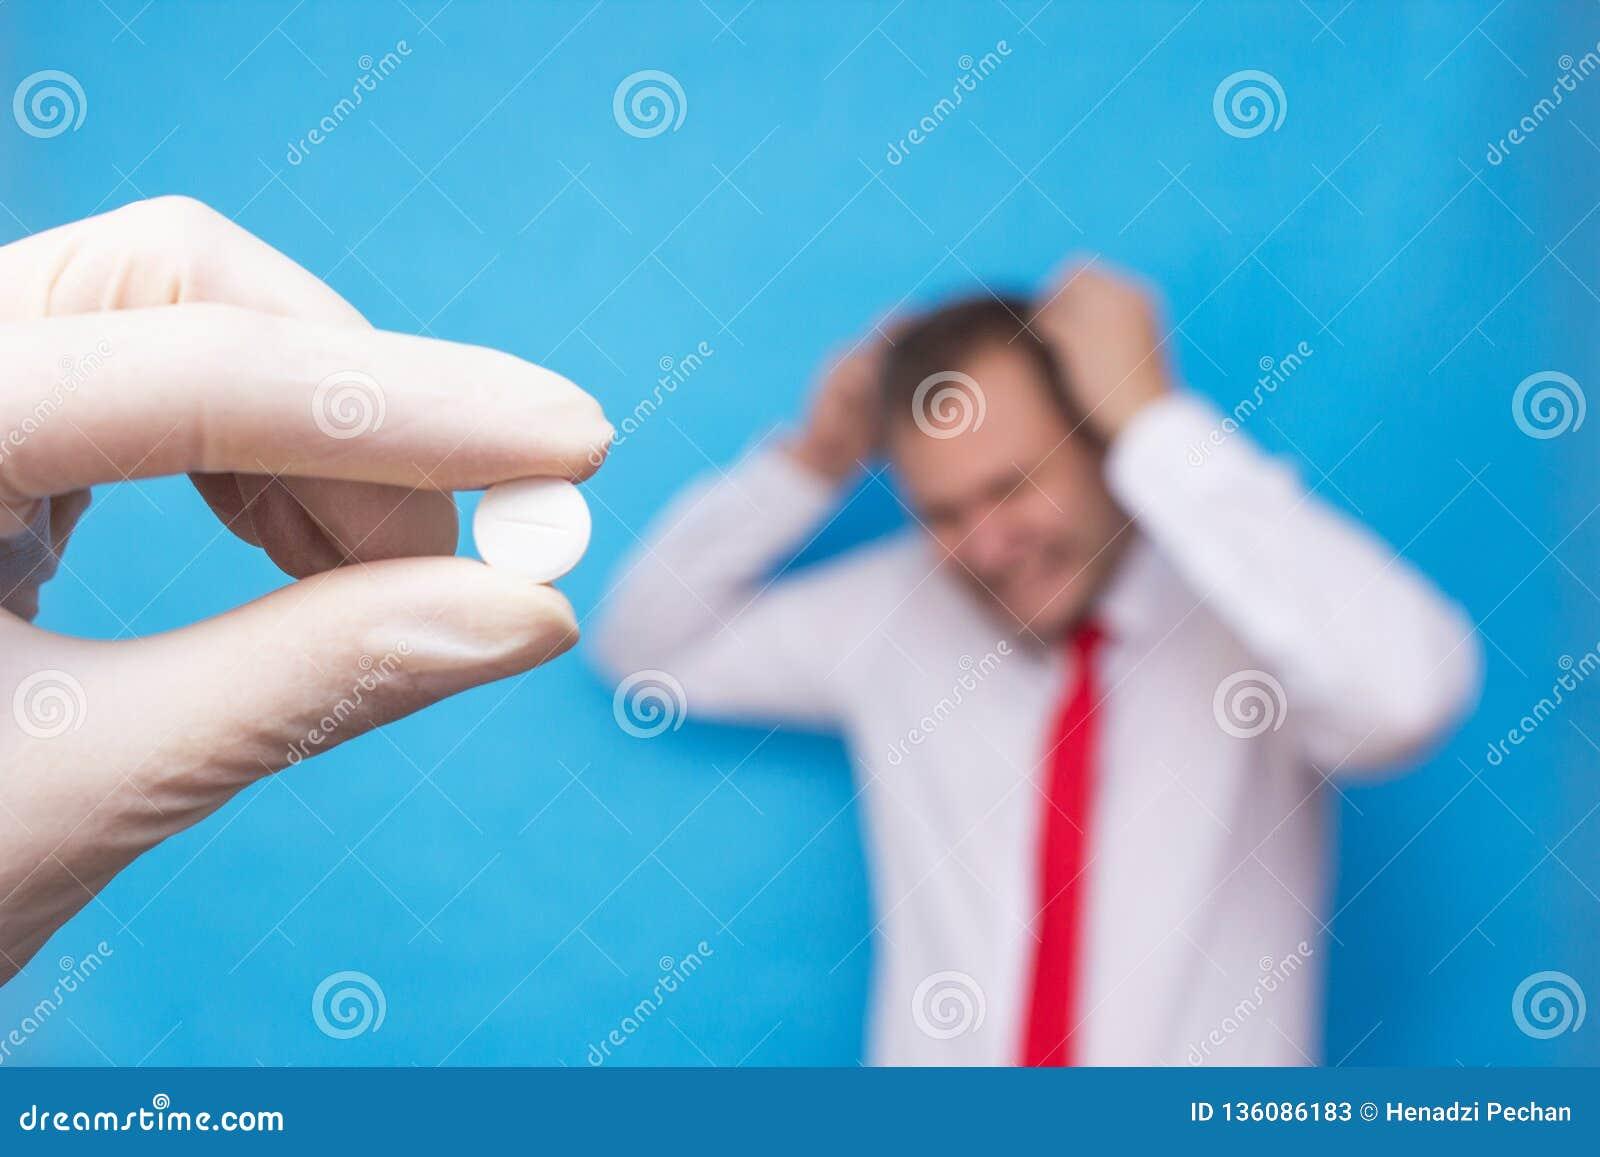 O doutor está guardando um comprimido para a psicose, no fundo é um homem que tenha um transtorno mental, psicose